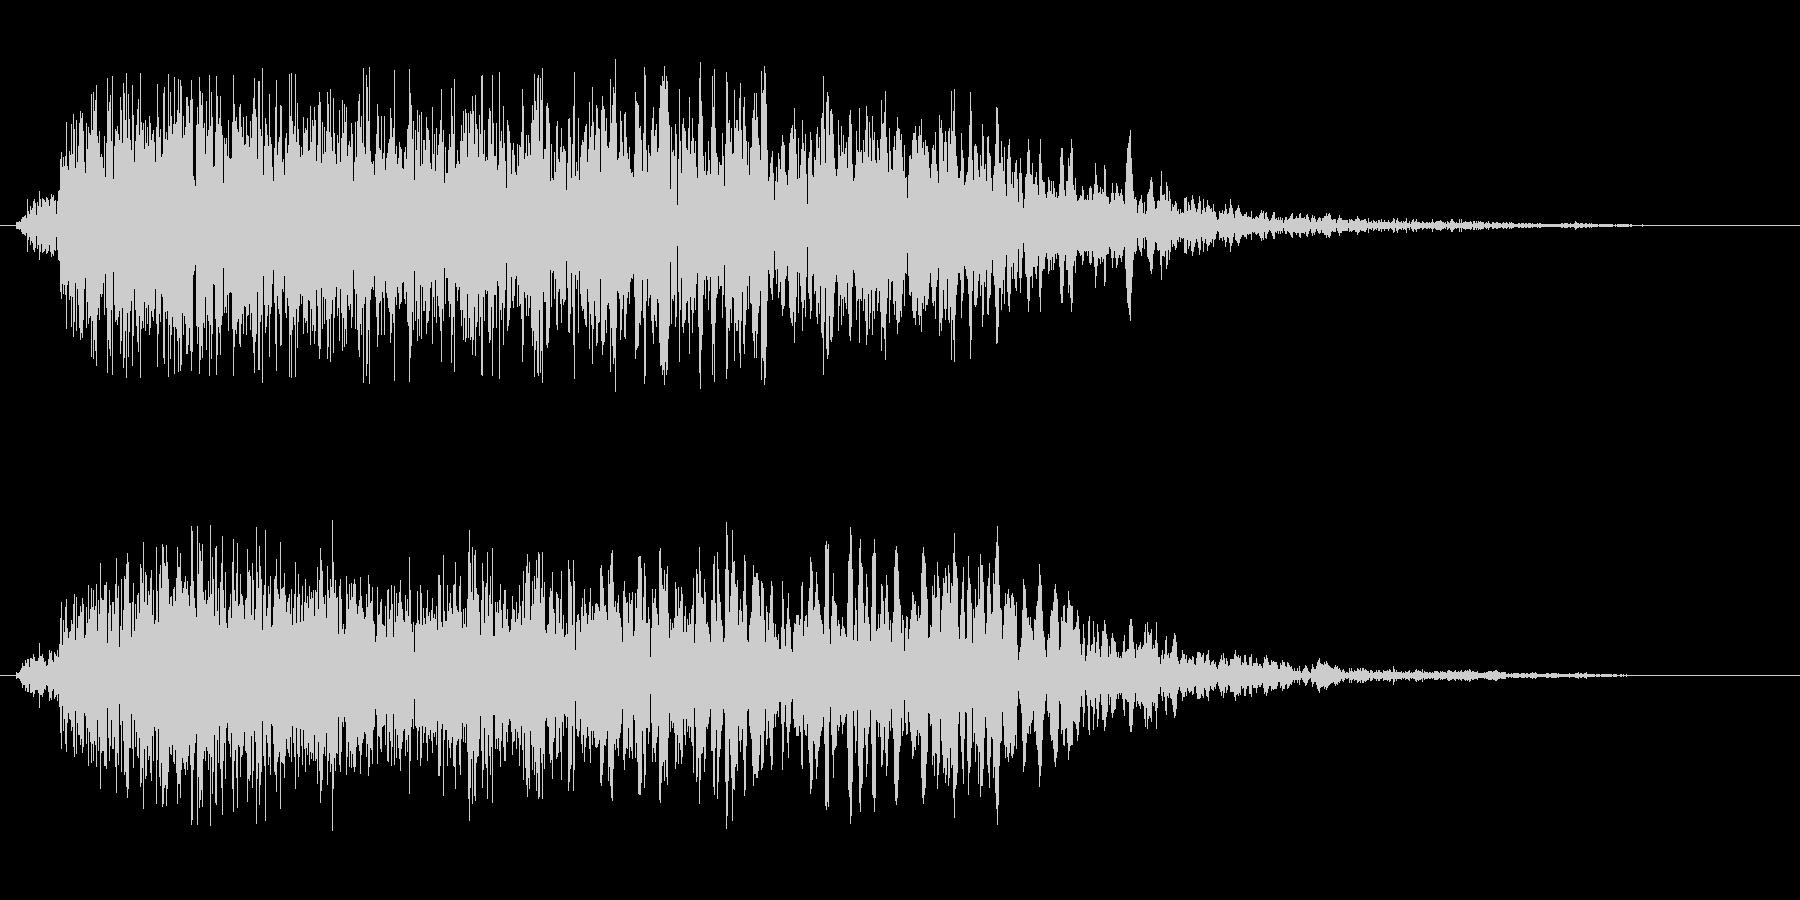 フーシューというエアー音の未再生の波形